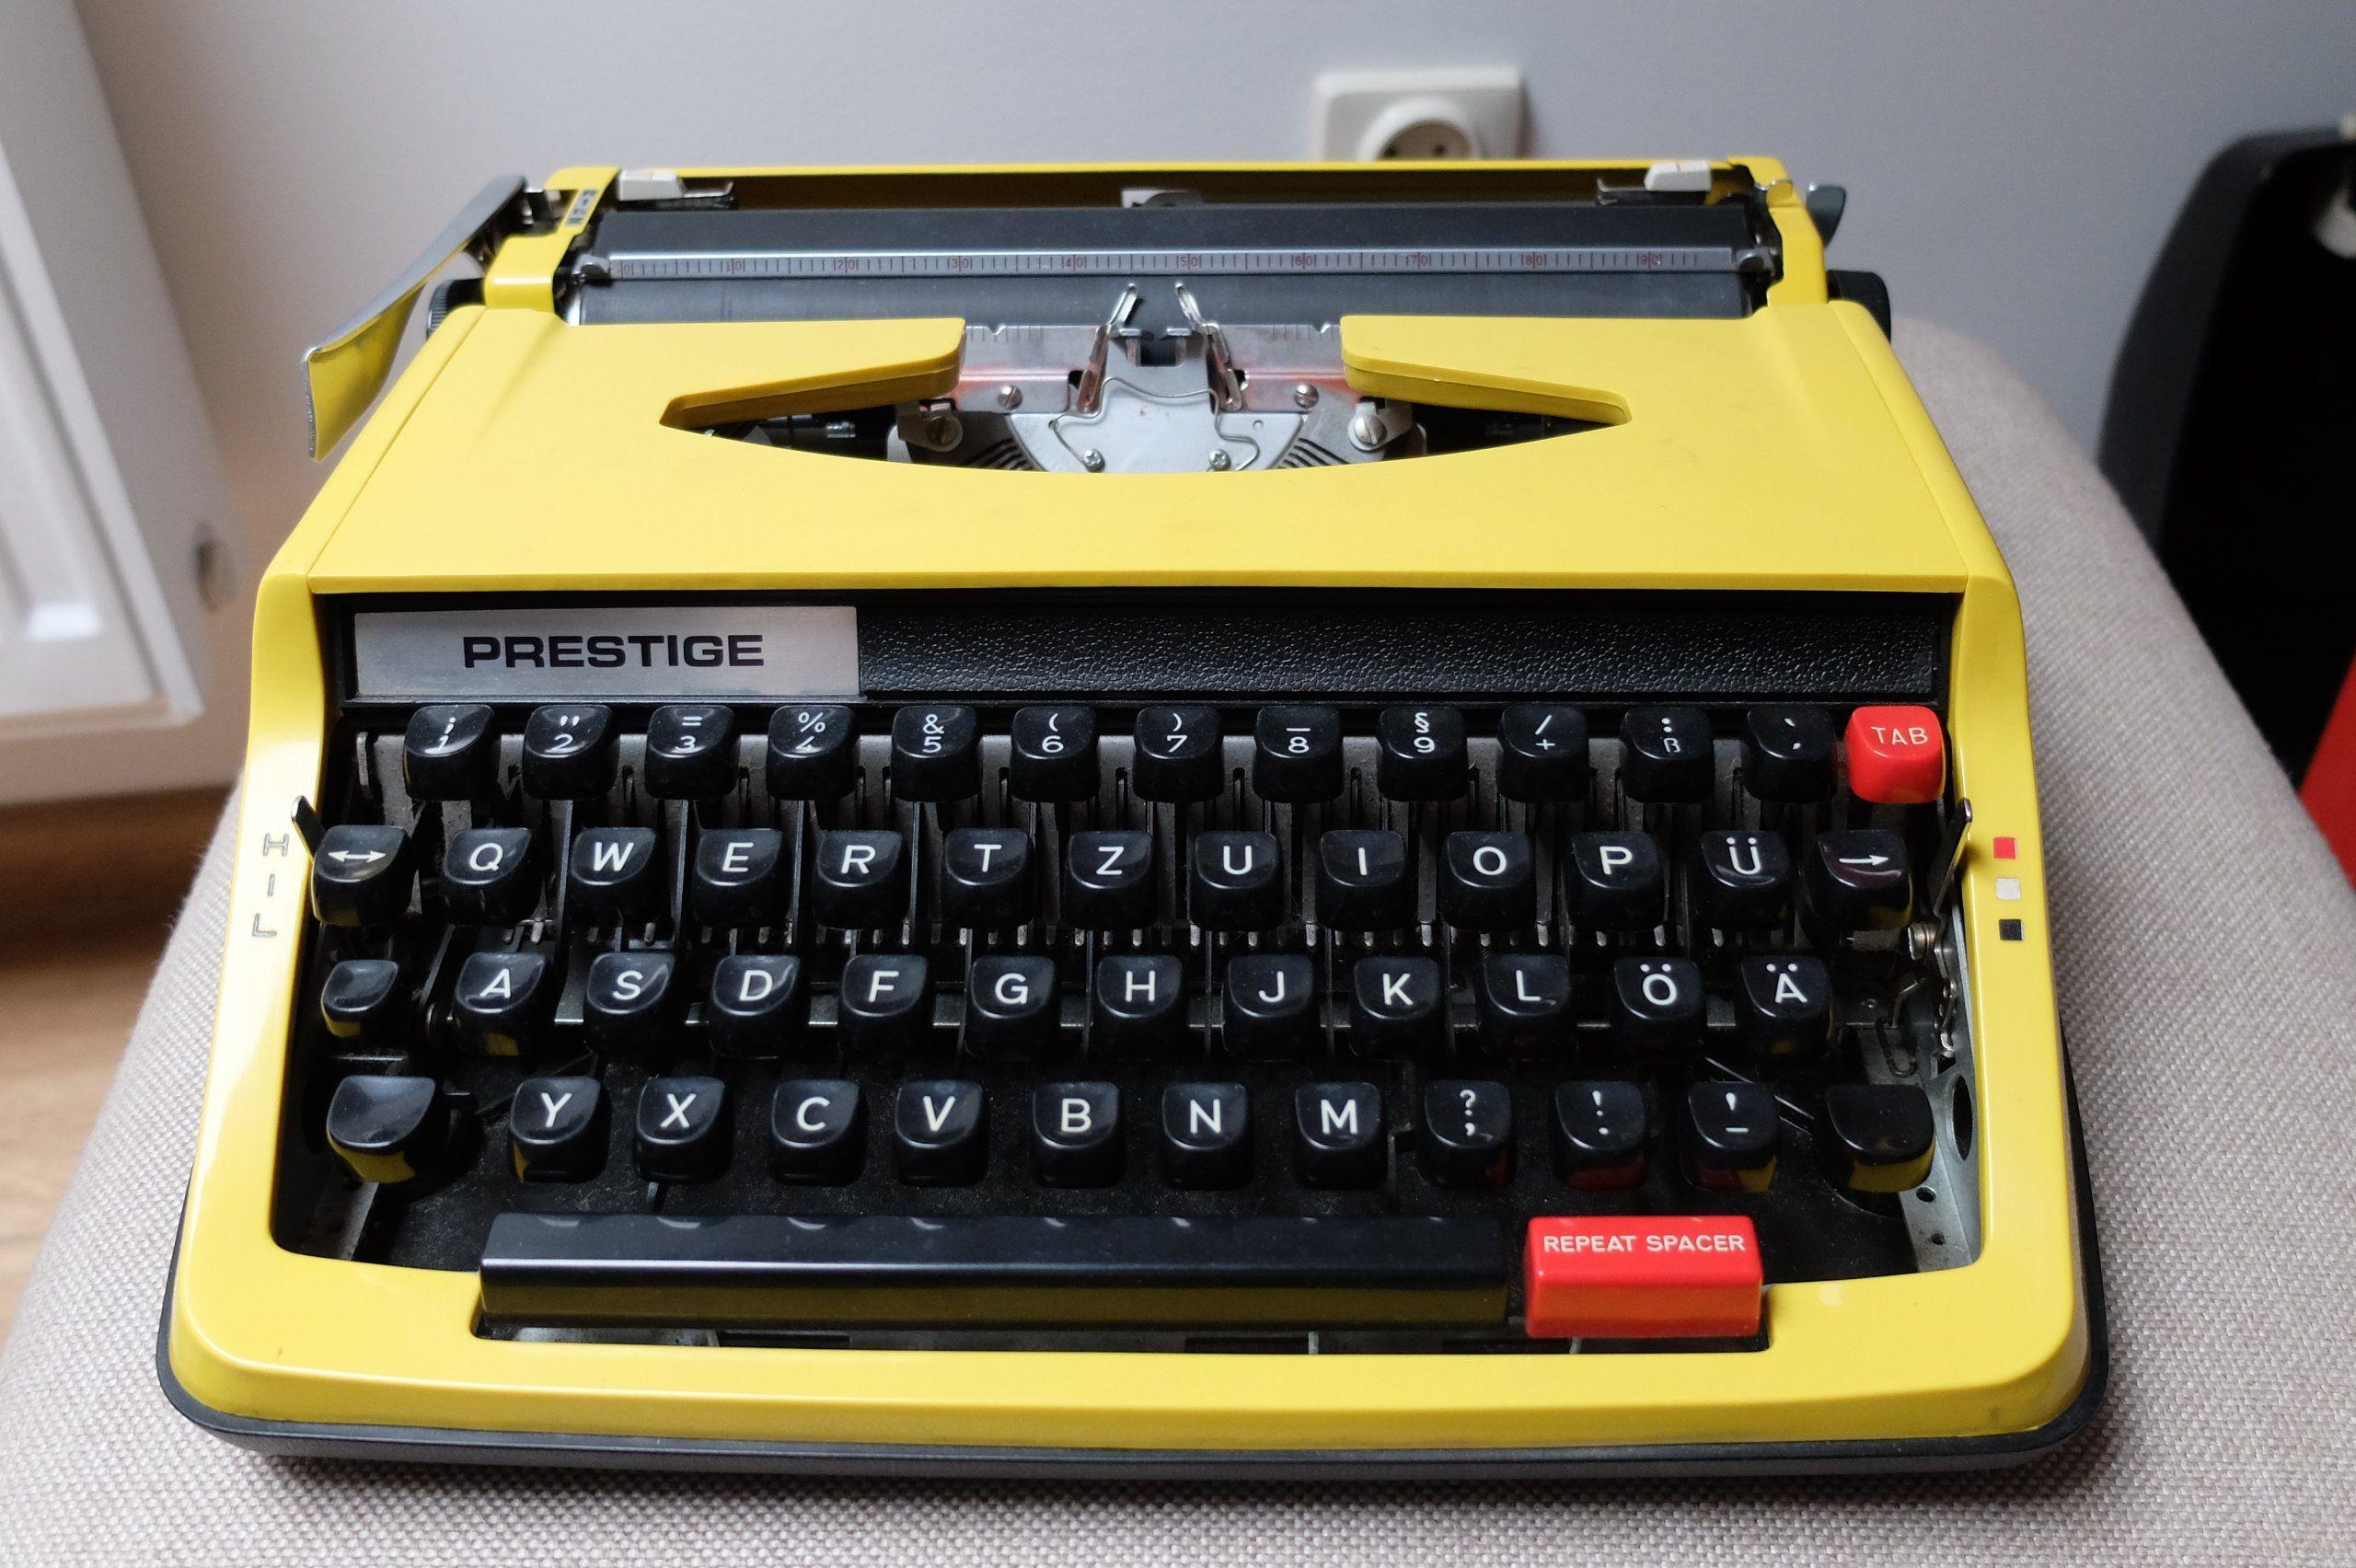 Maszyna Do Pisania Prestige 6810233513 Oficjalne Archiwum Allegro Typewriter Electronic Products